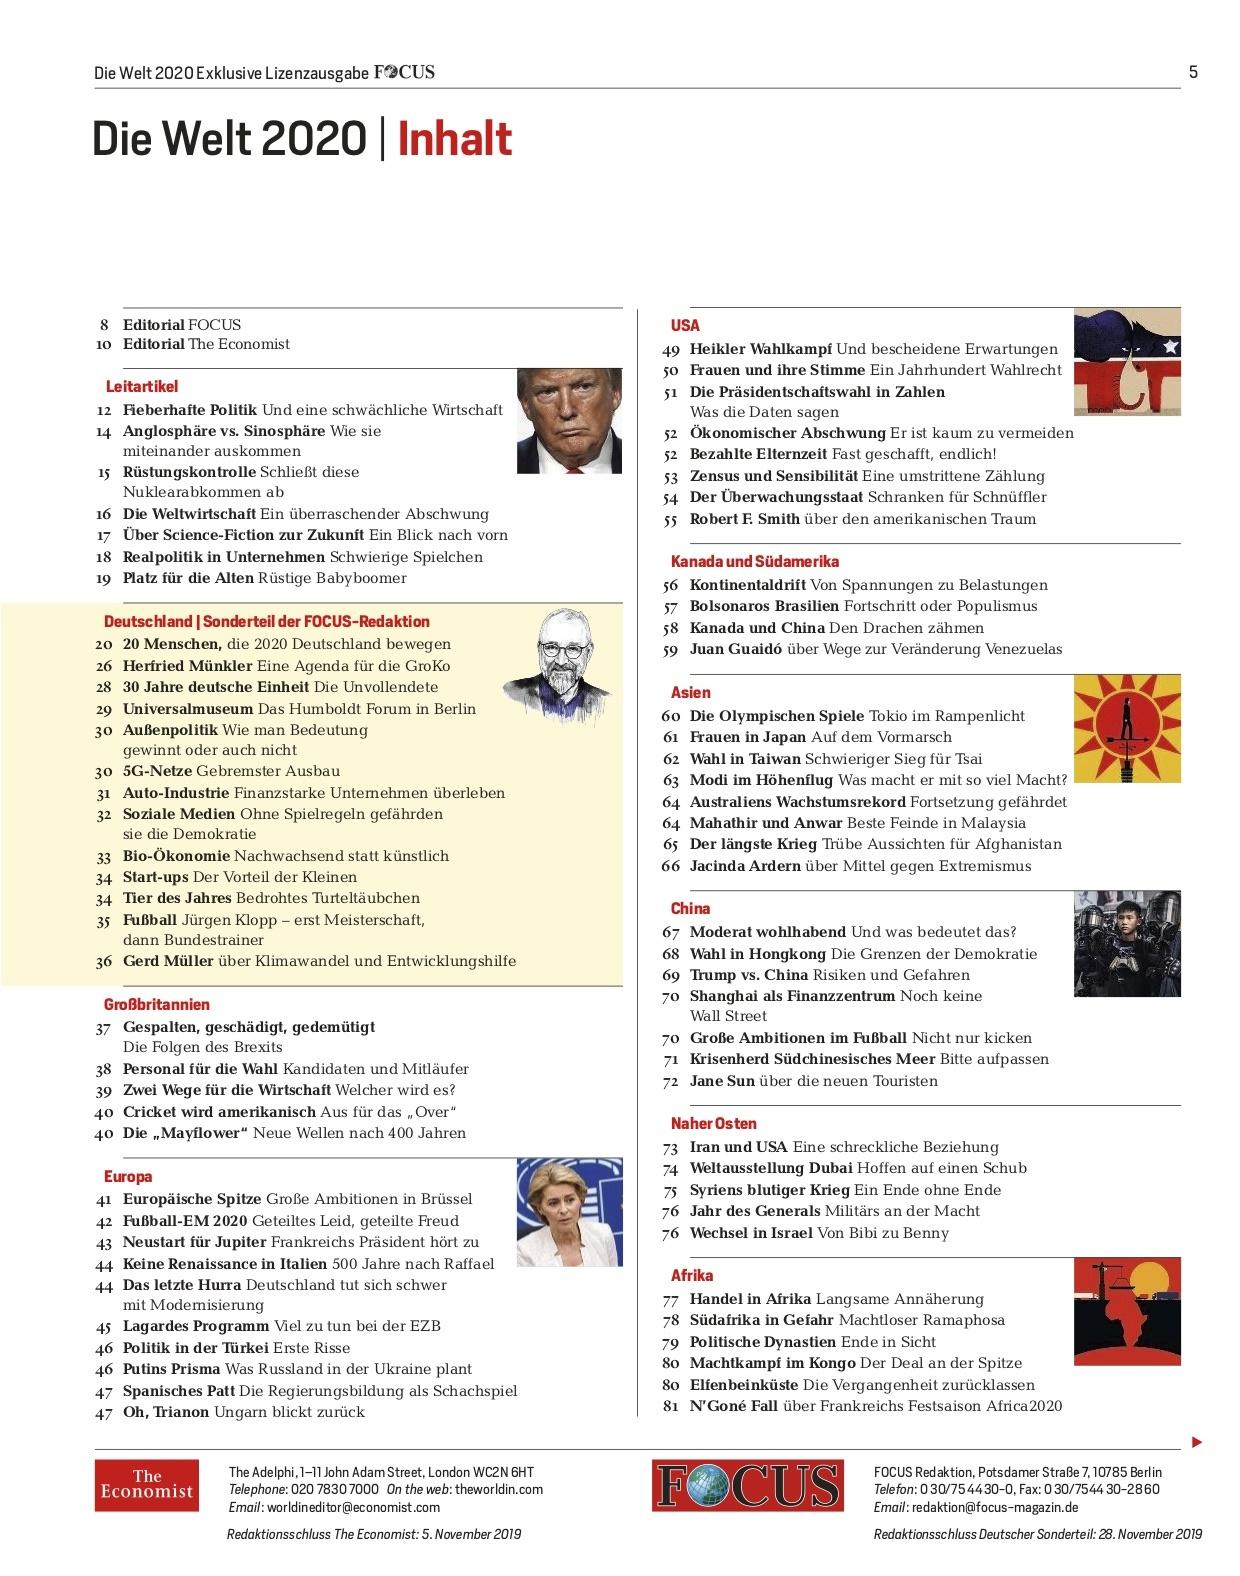 FOCUS Magazin FOCUS & The Economist Sonderheft - Die Welt 2020